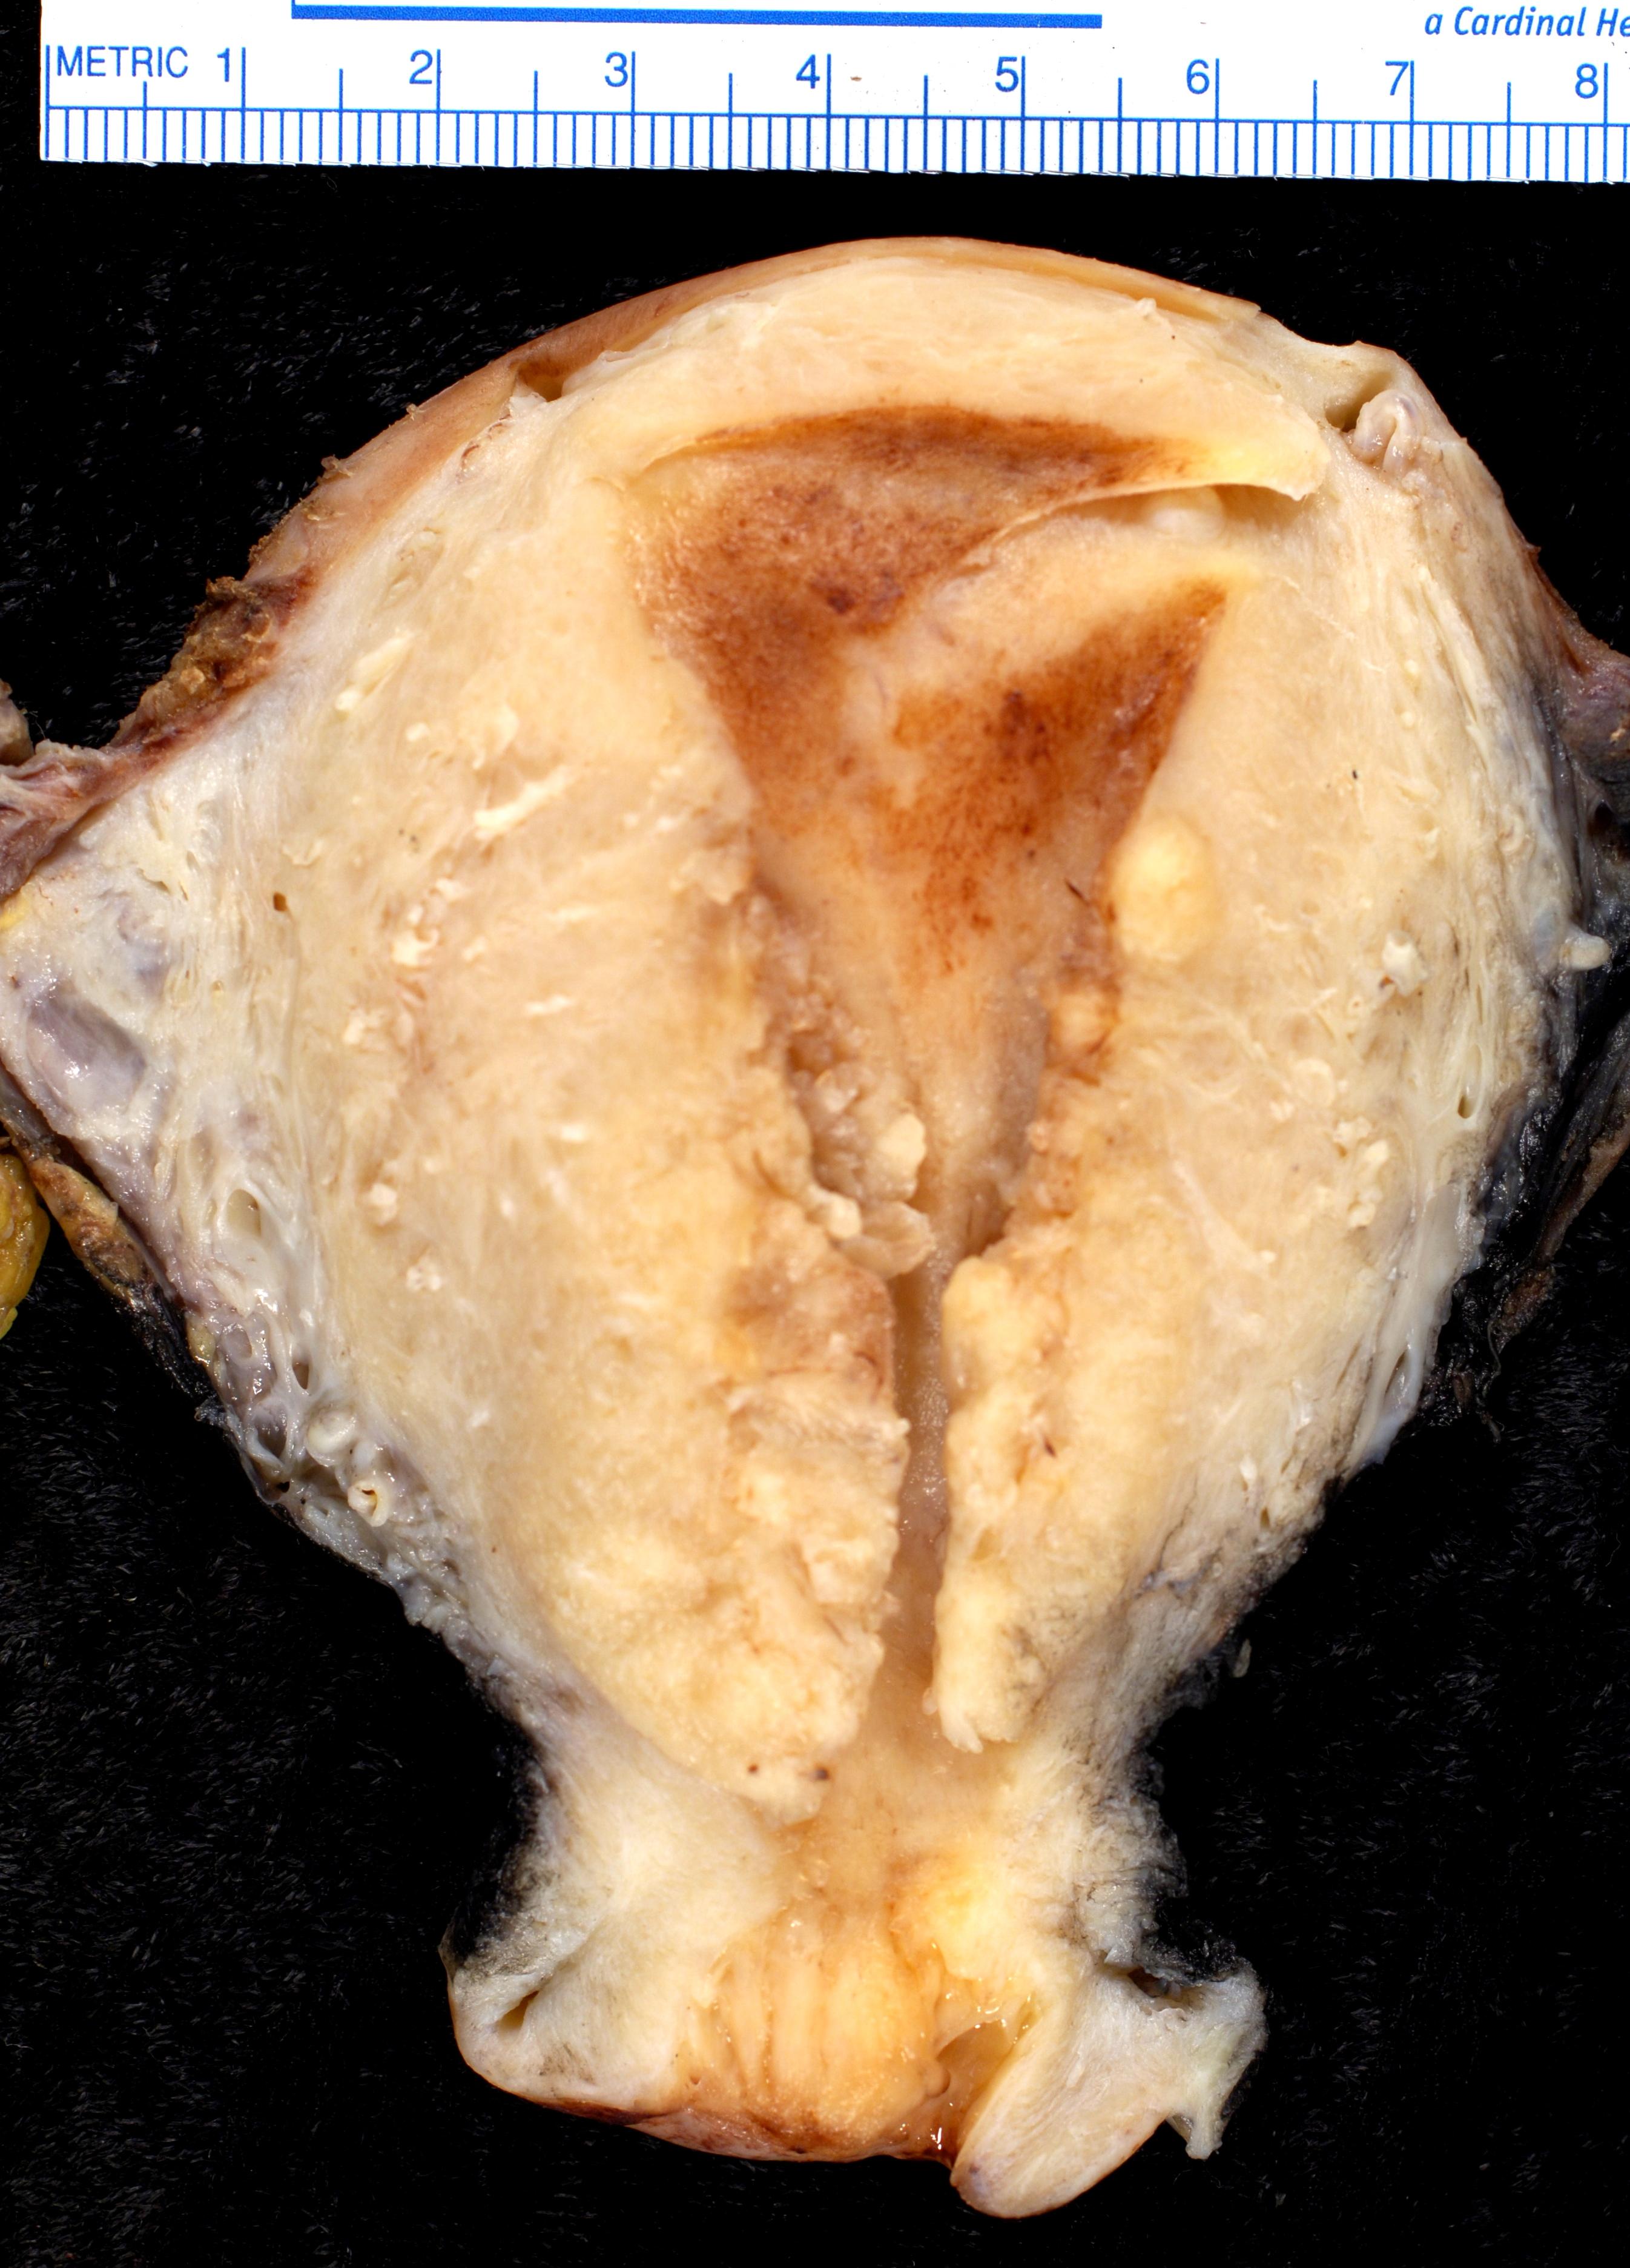 Endometrioides Adenokarzinom FIGO III mit Infiltration von etwas mehr als der Hälfte des Myometriums